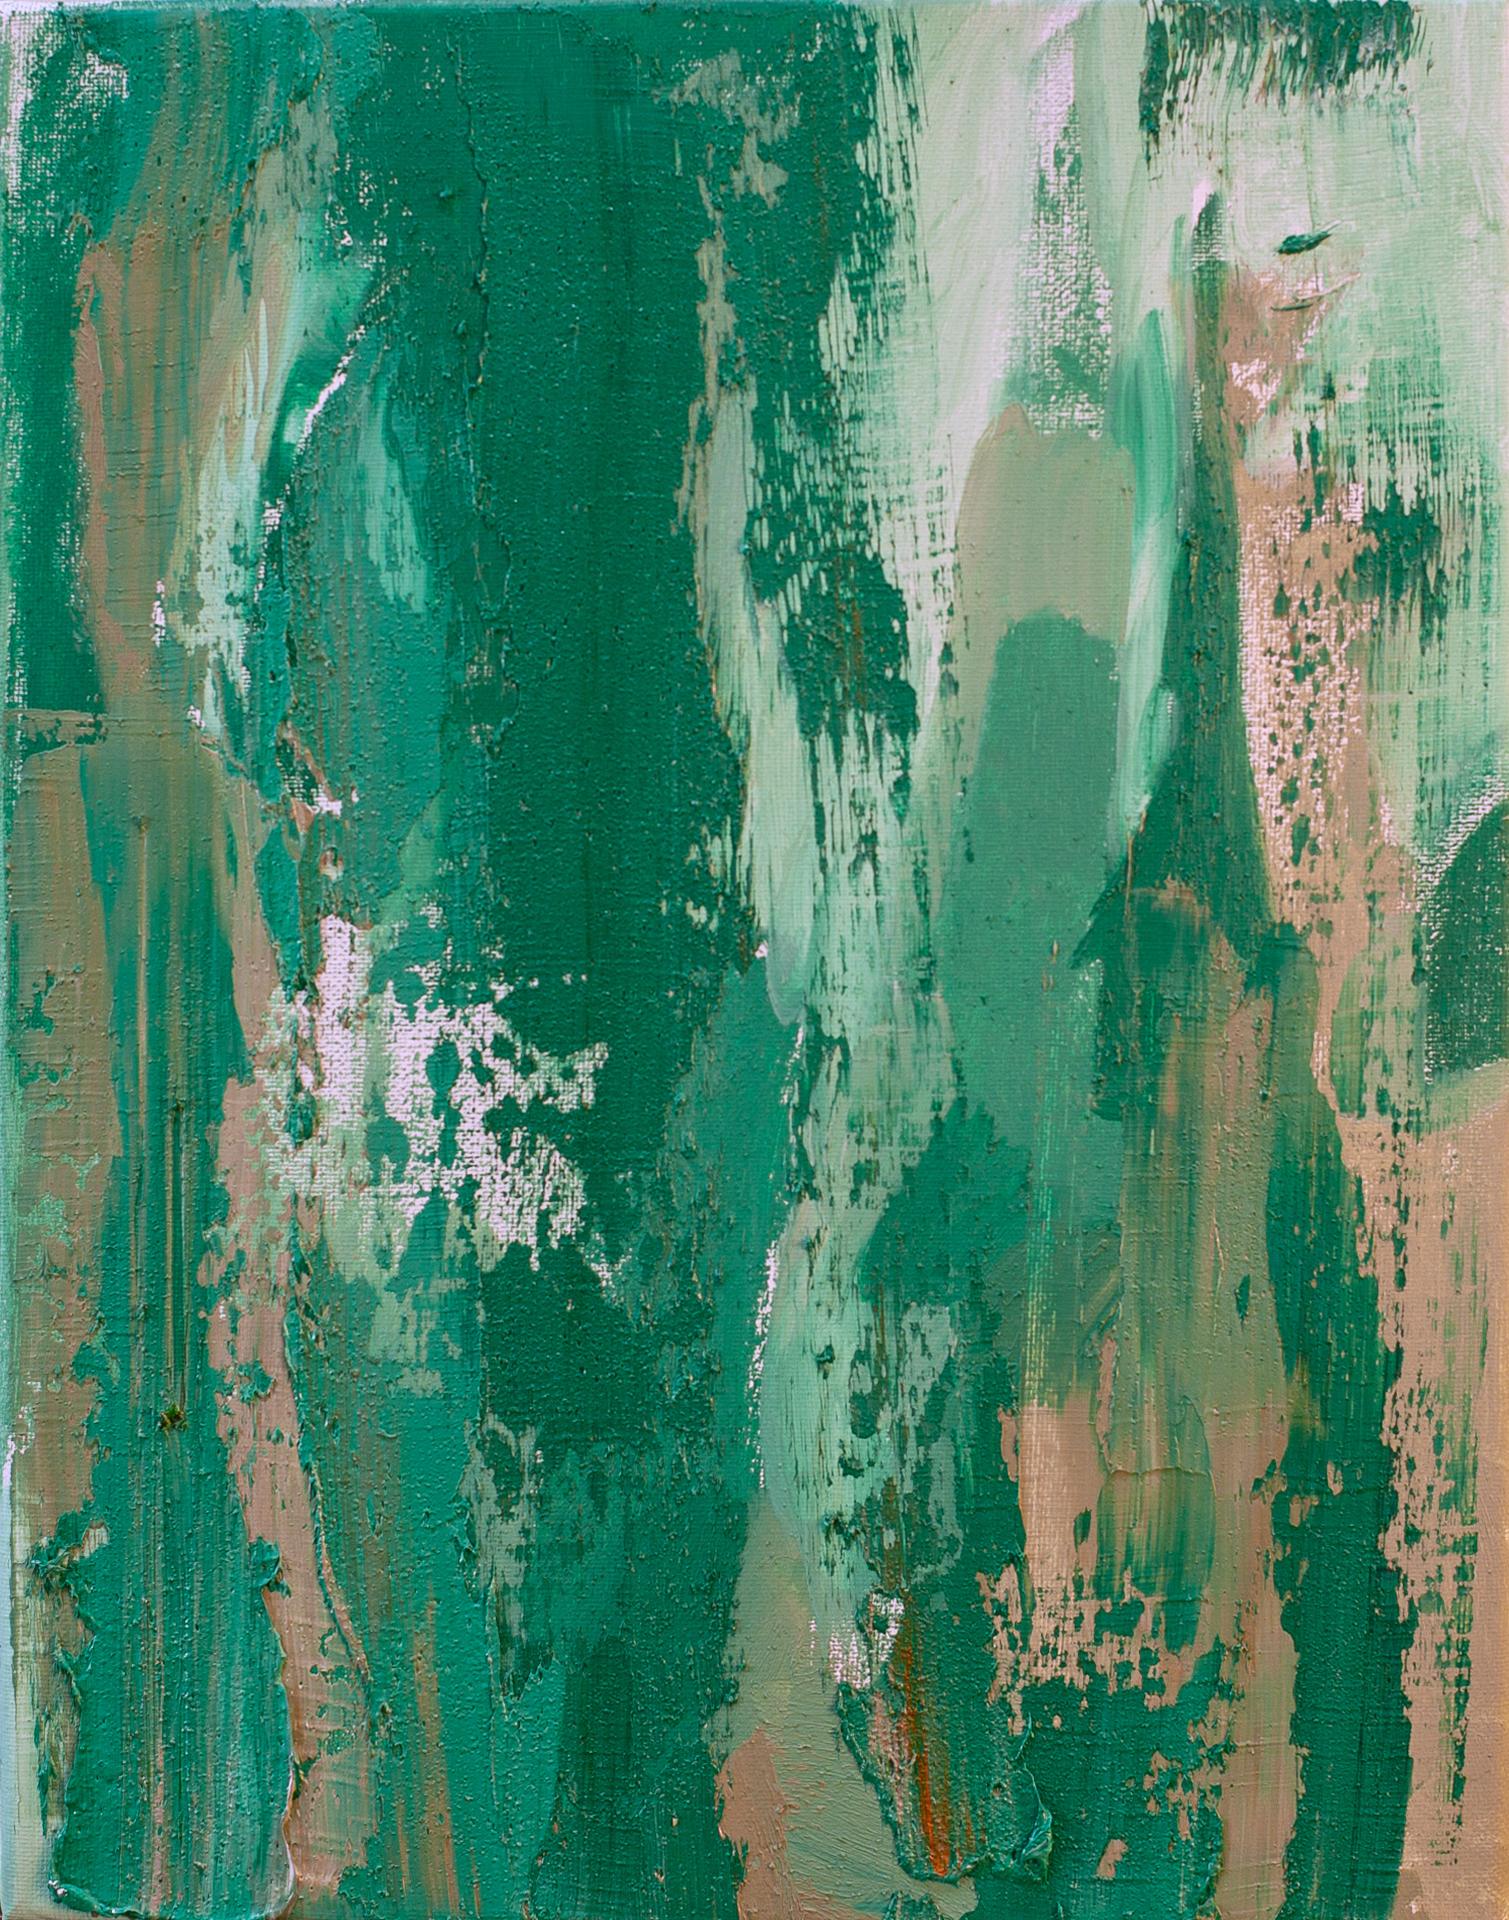 Green Trio #1